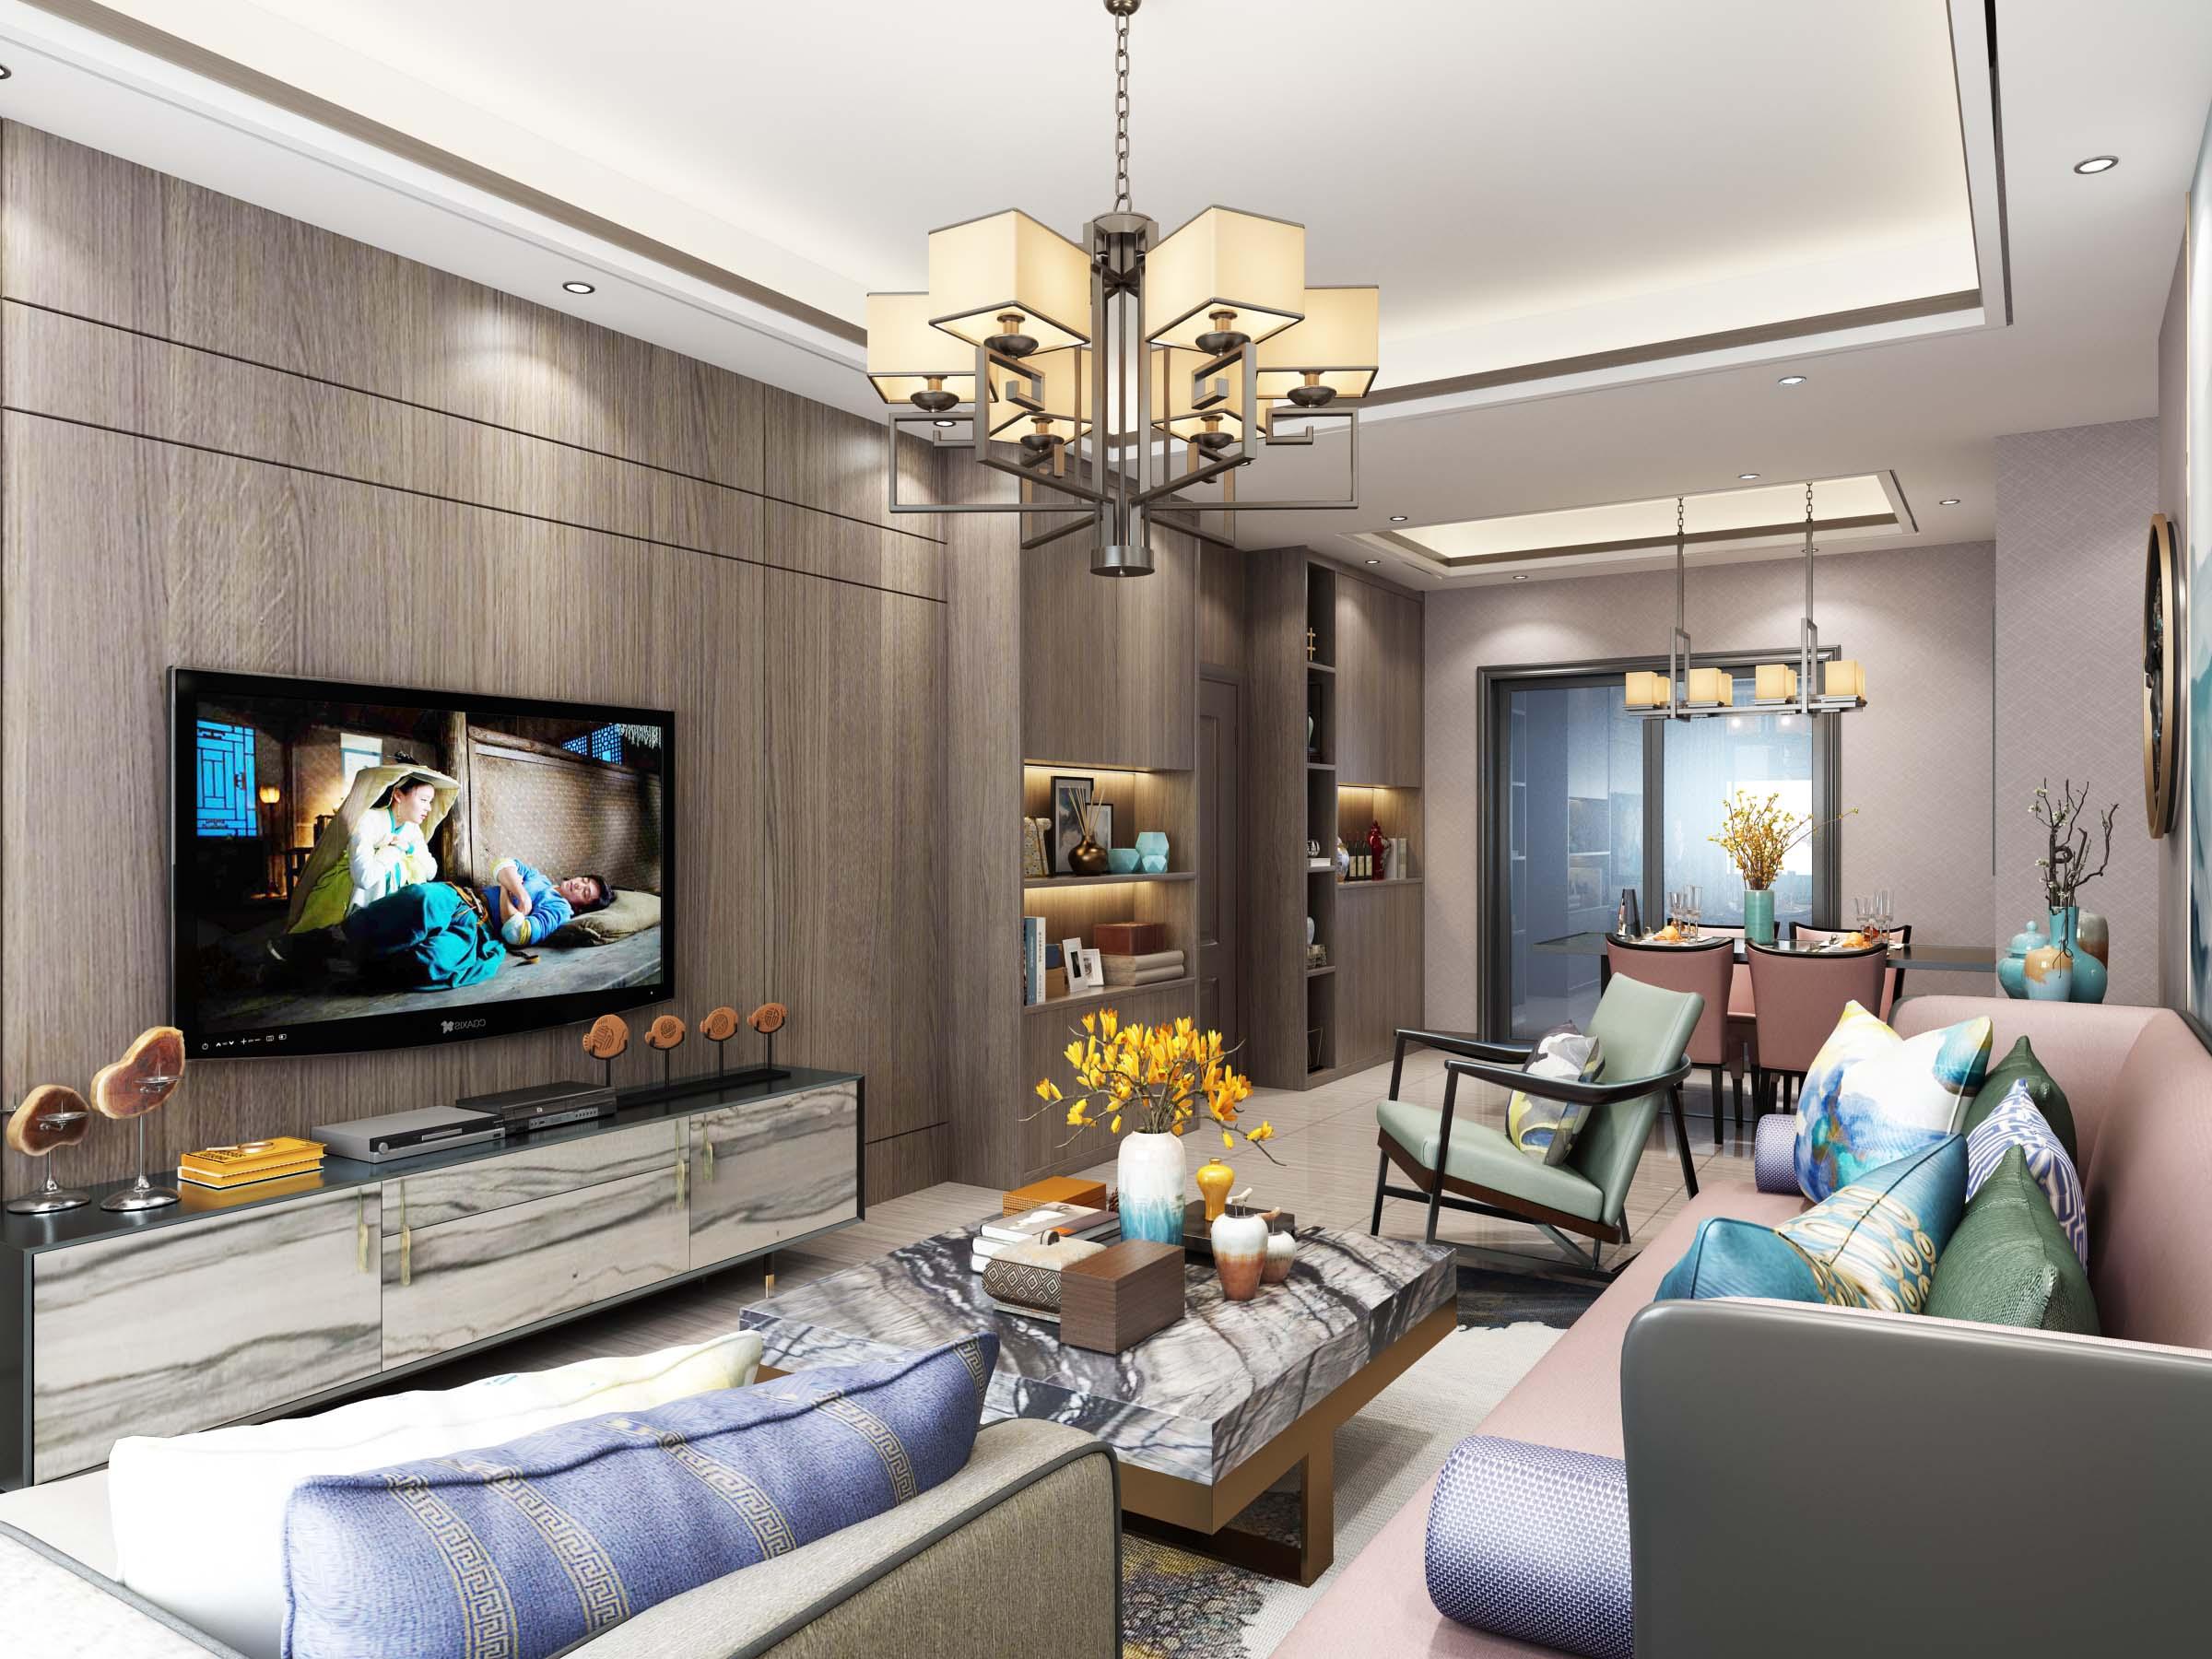 三居 客厅图片来自云南俊雅装饰工程有限公司在枫林盛景的分享